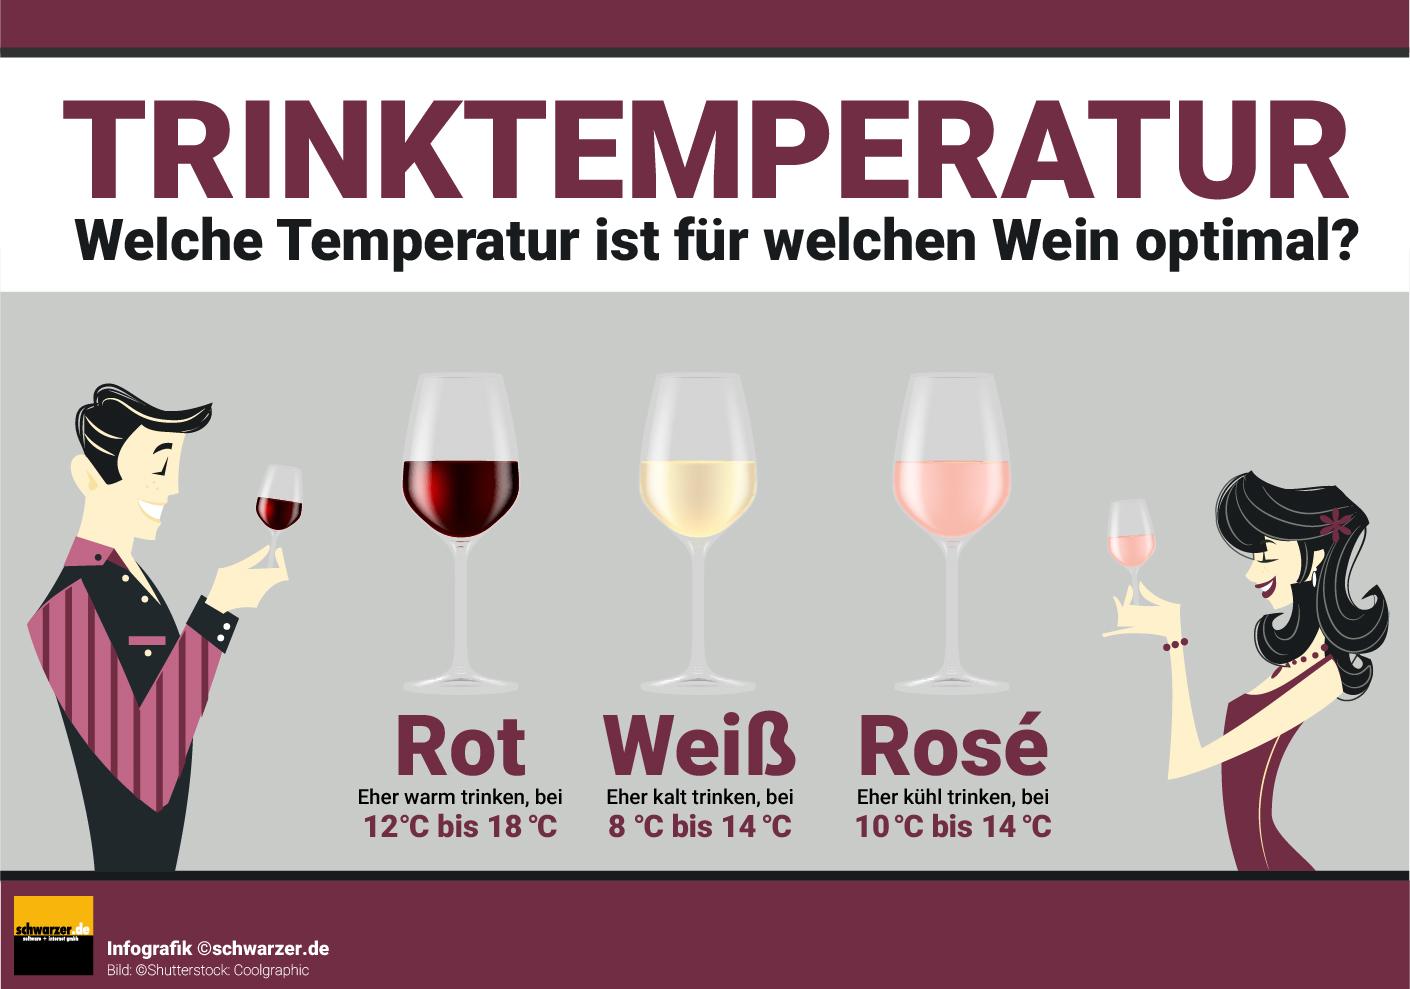 Infografik: Trinktemperatur von Wein